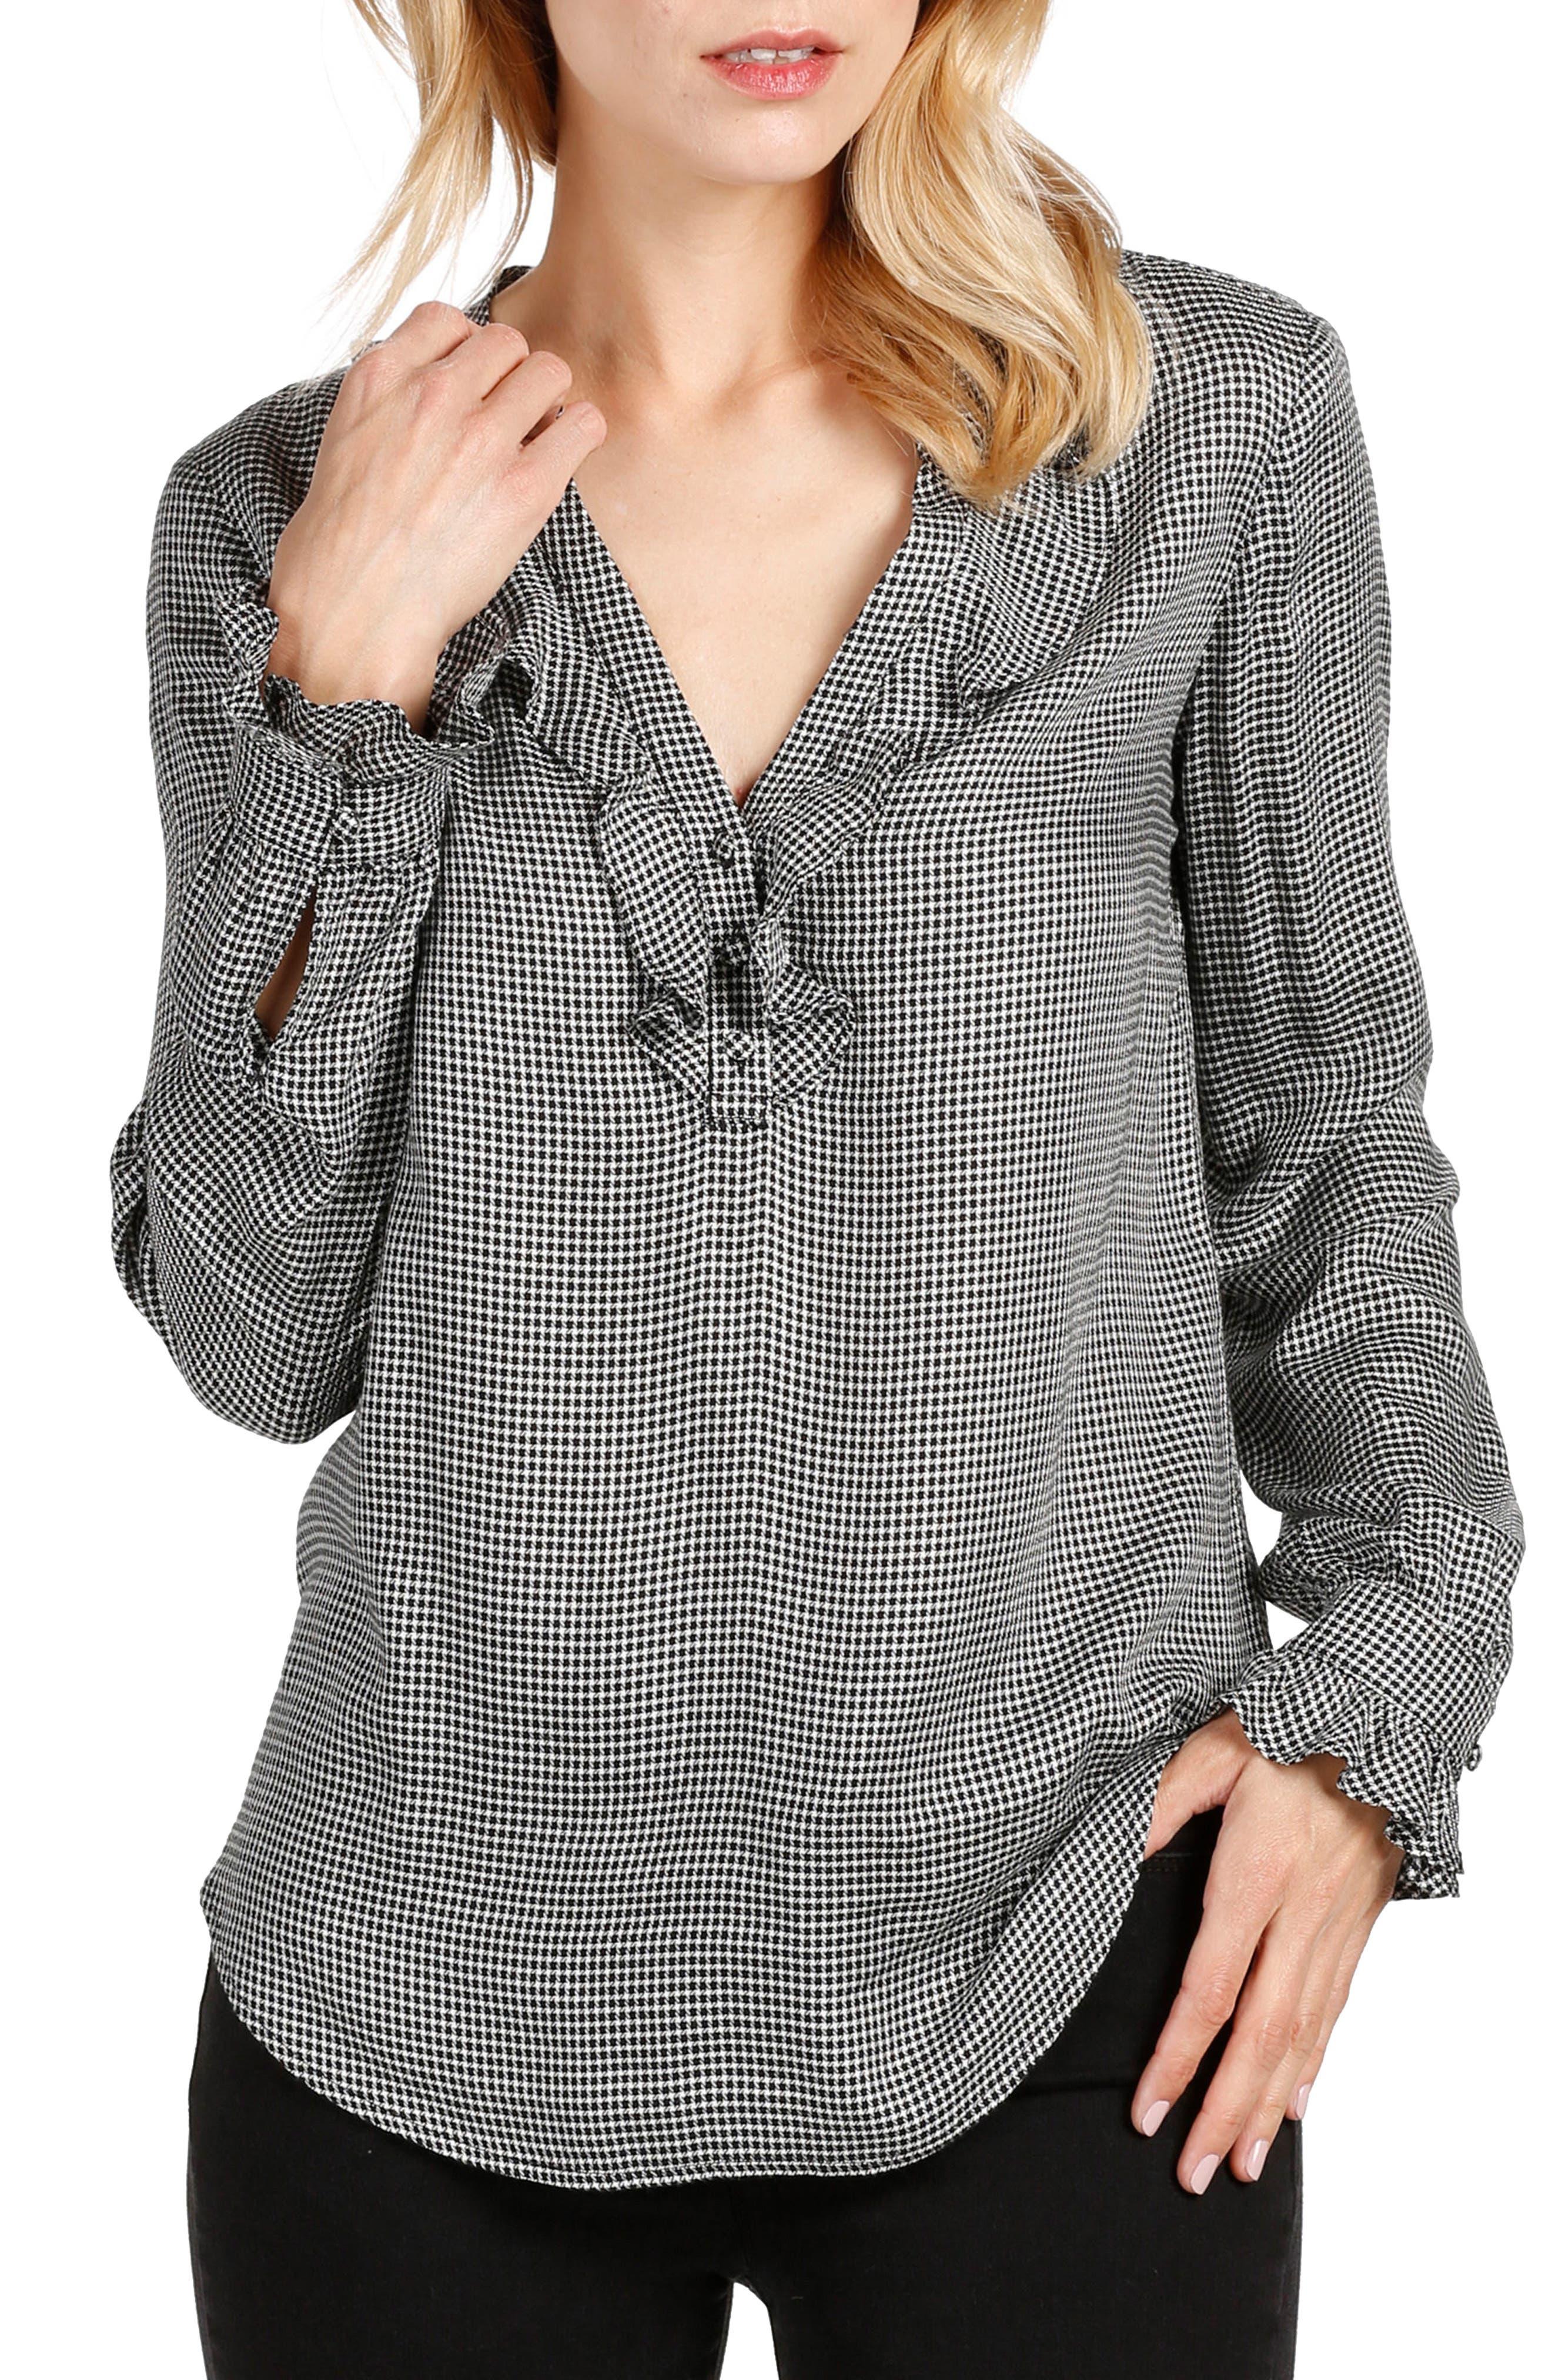 PAIGE Amalfi Ruffle Shirt